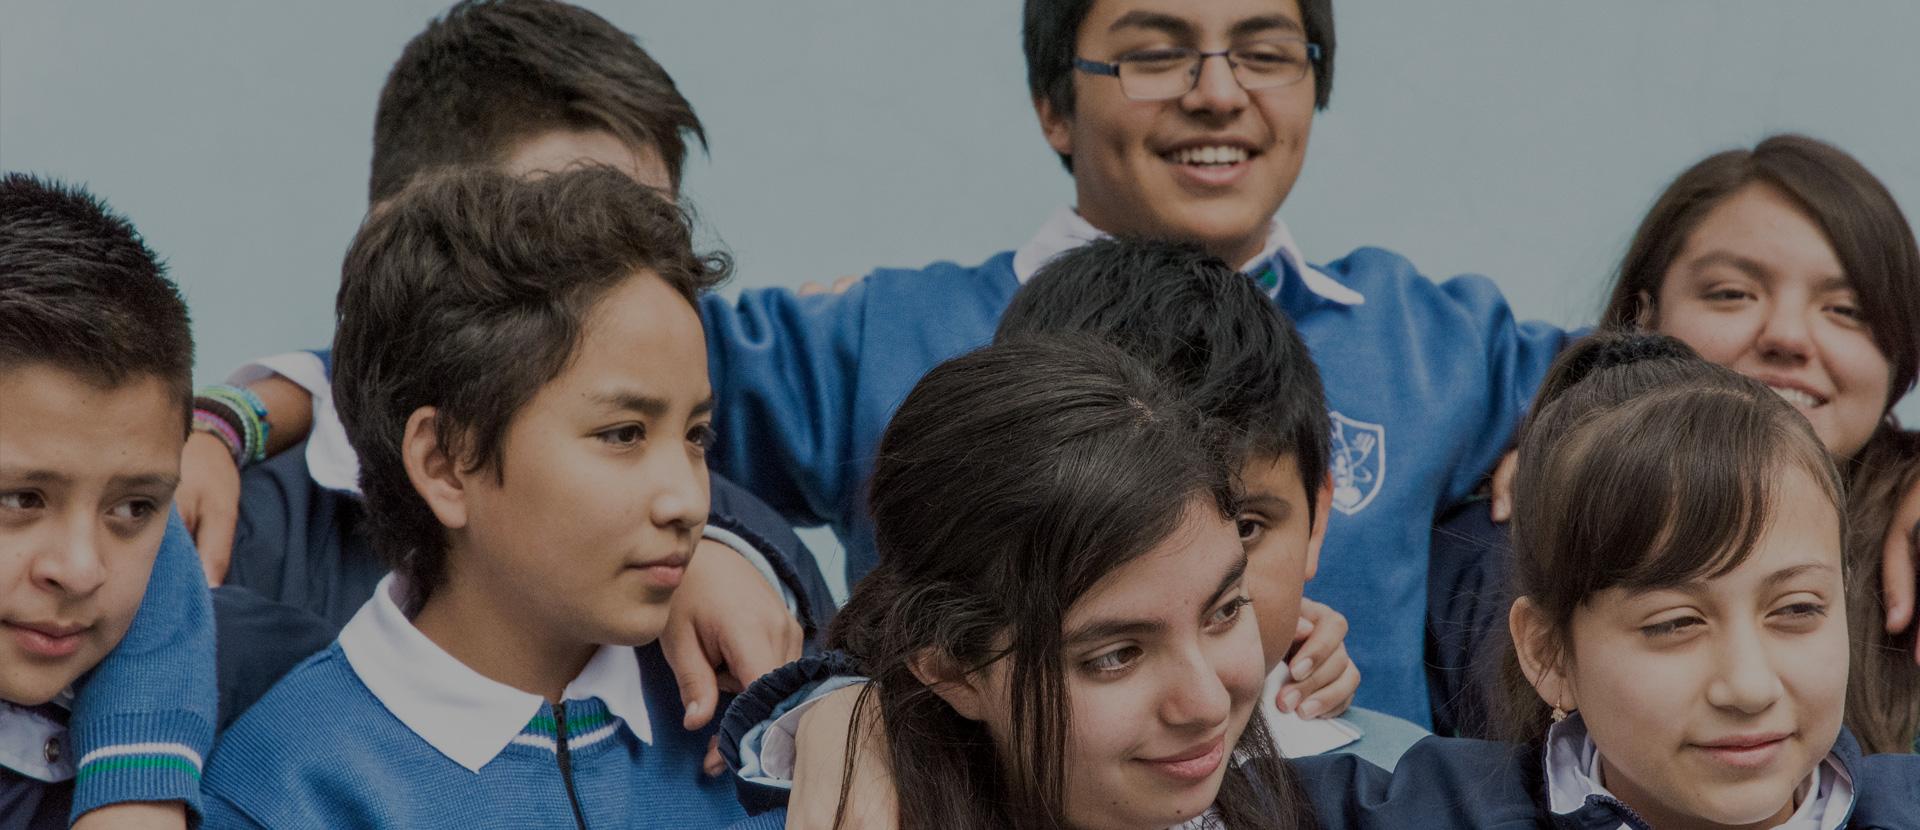 Colegio Unión de México - Educación Bilingüe